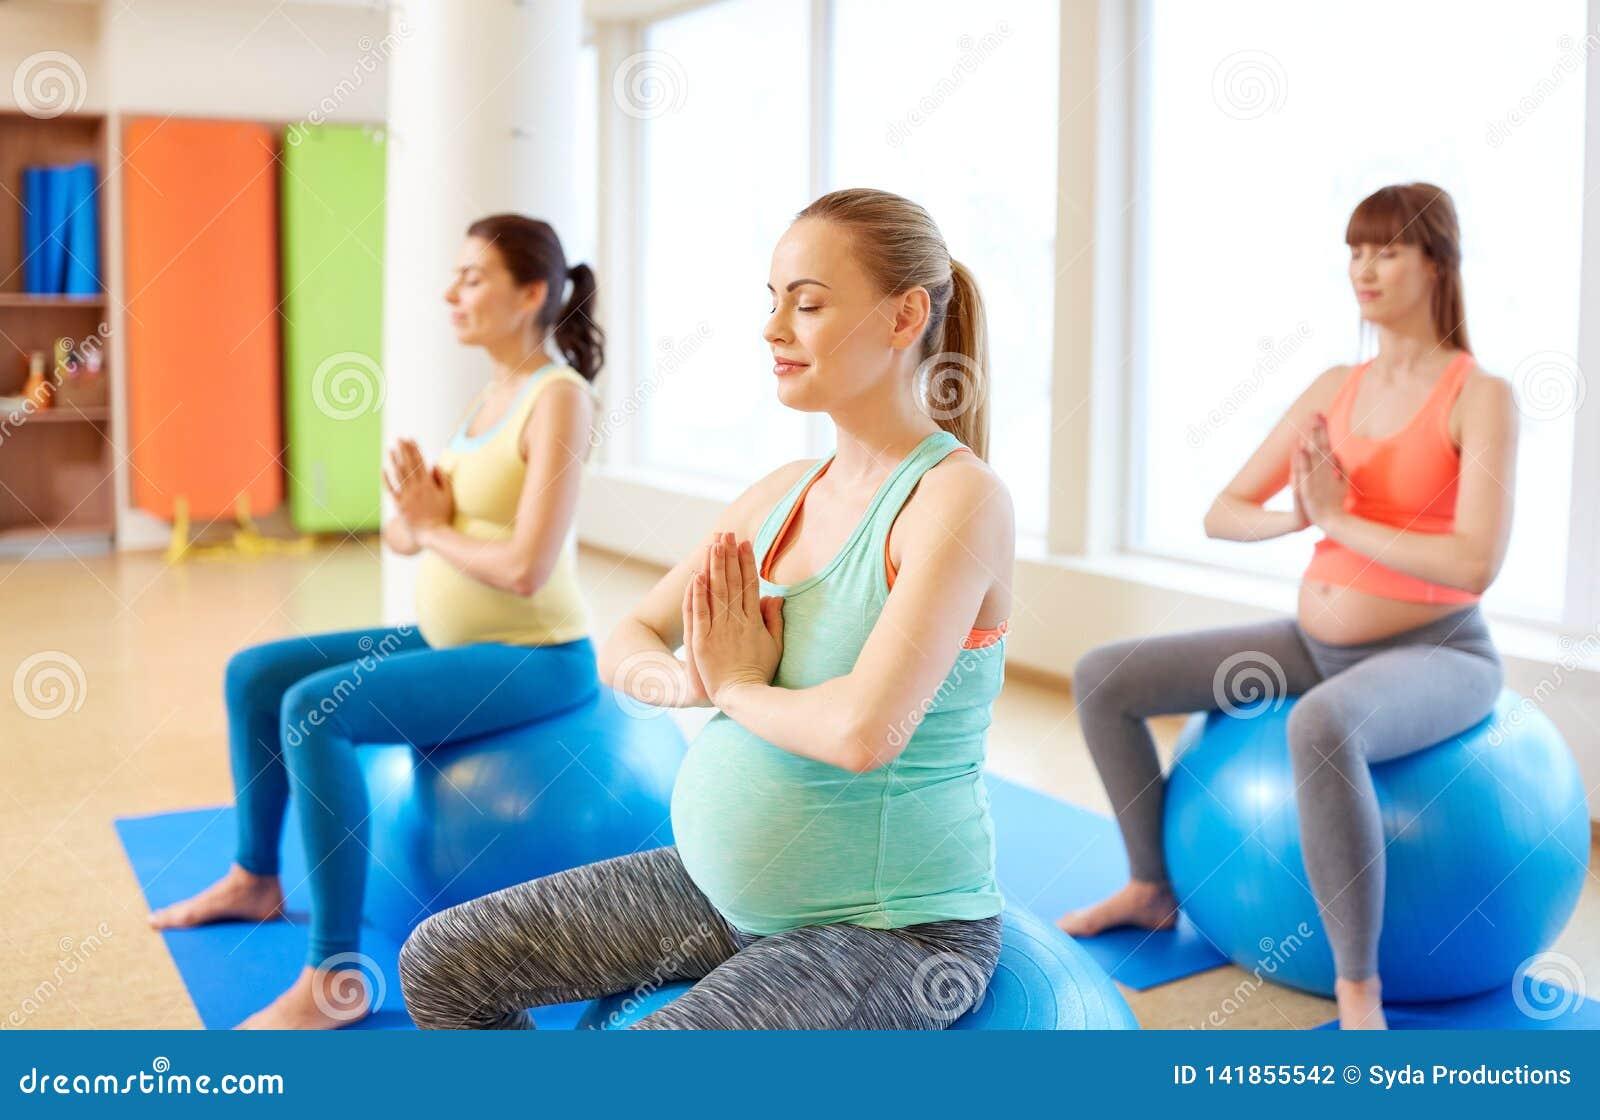 Schwangere Frauen, die auf Übungsbällen in der Turnhalle sitzen